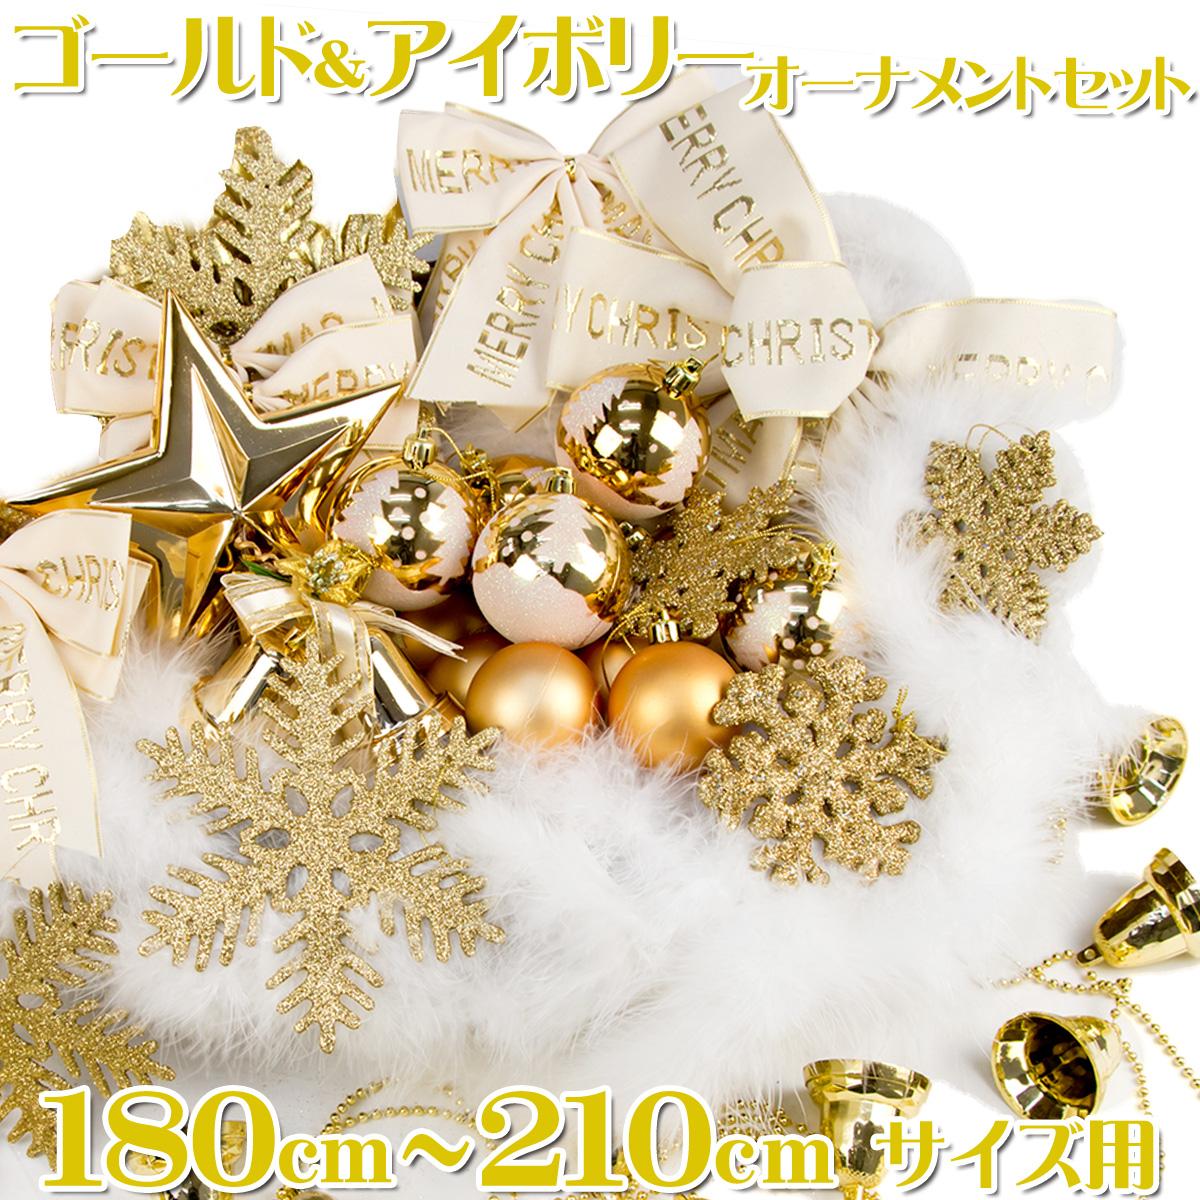 クリスマスツリー オーナメントセット 180~210cm用 ゴールド&アイボリー 飾り 【10月下旬入荷予定】